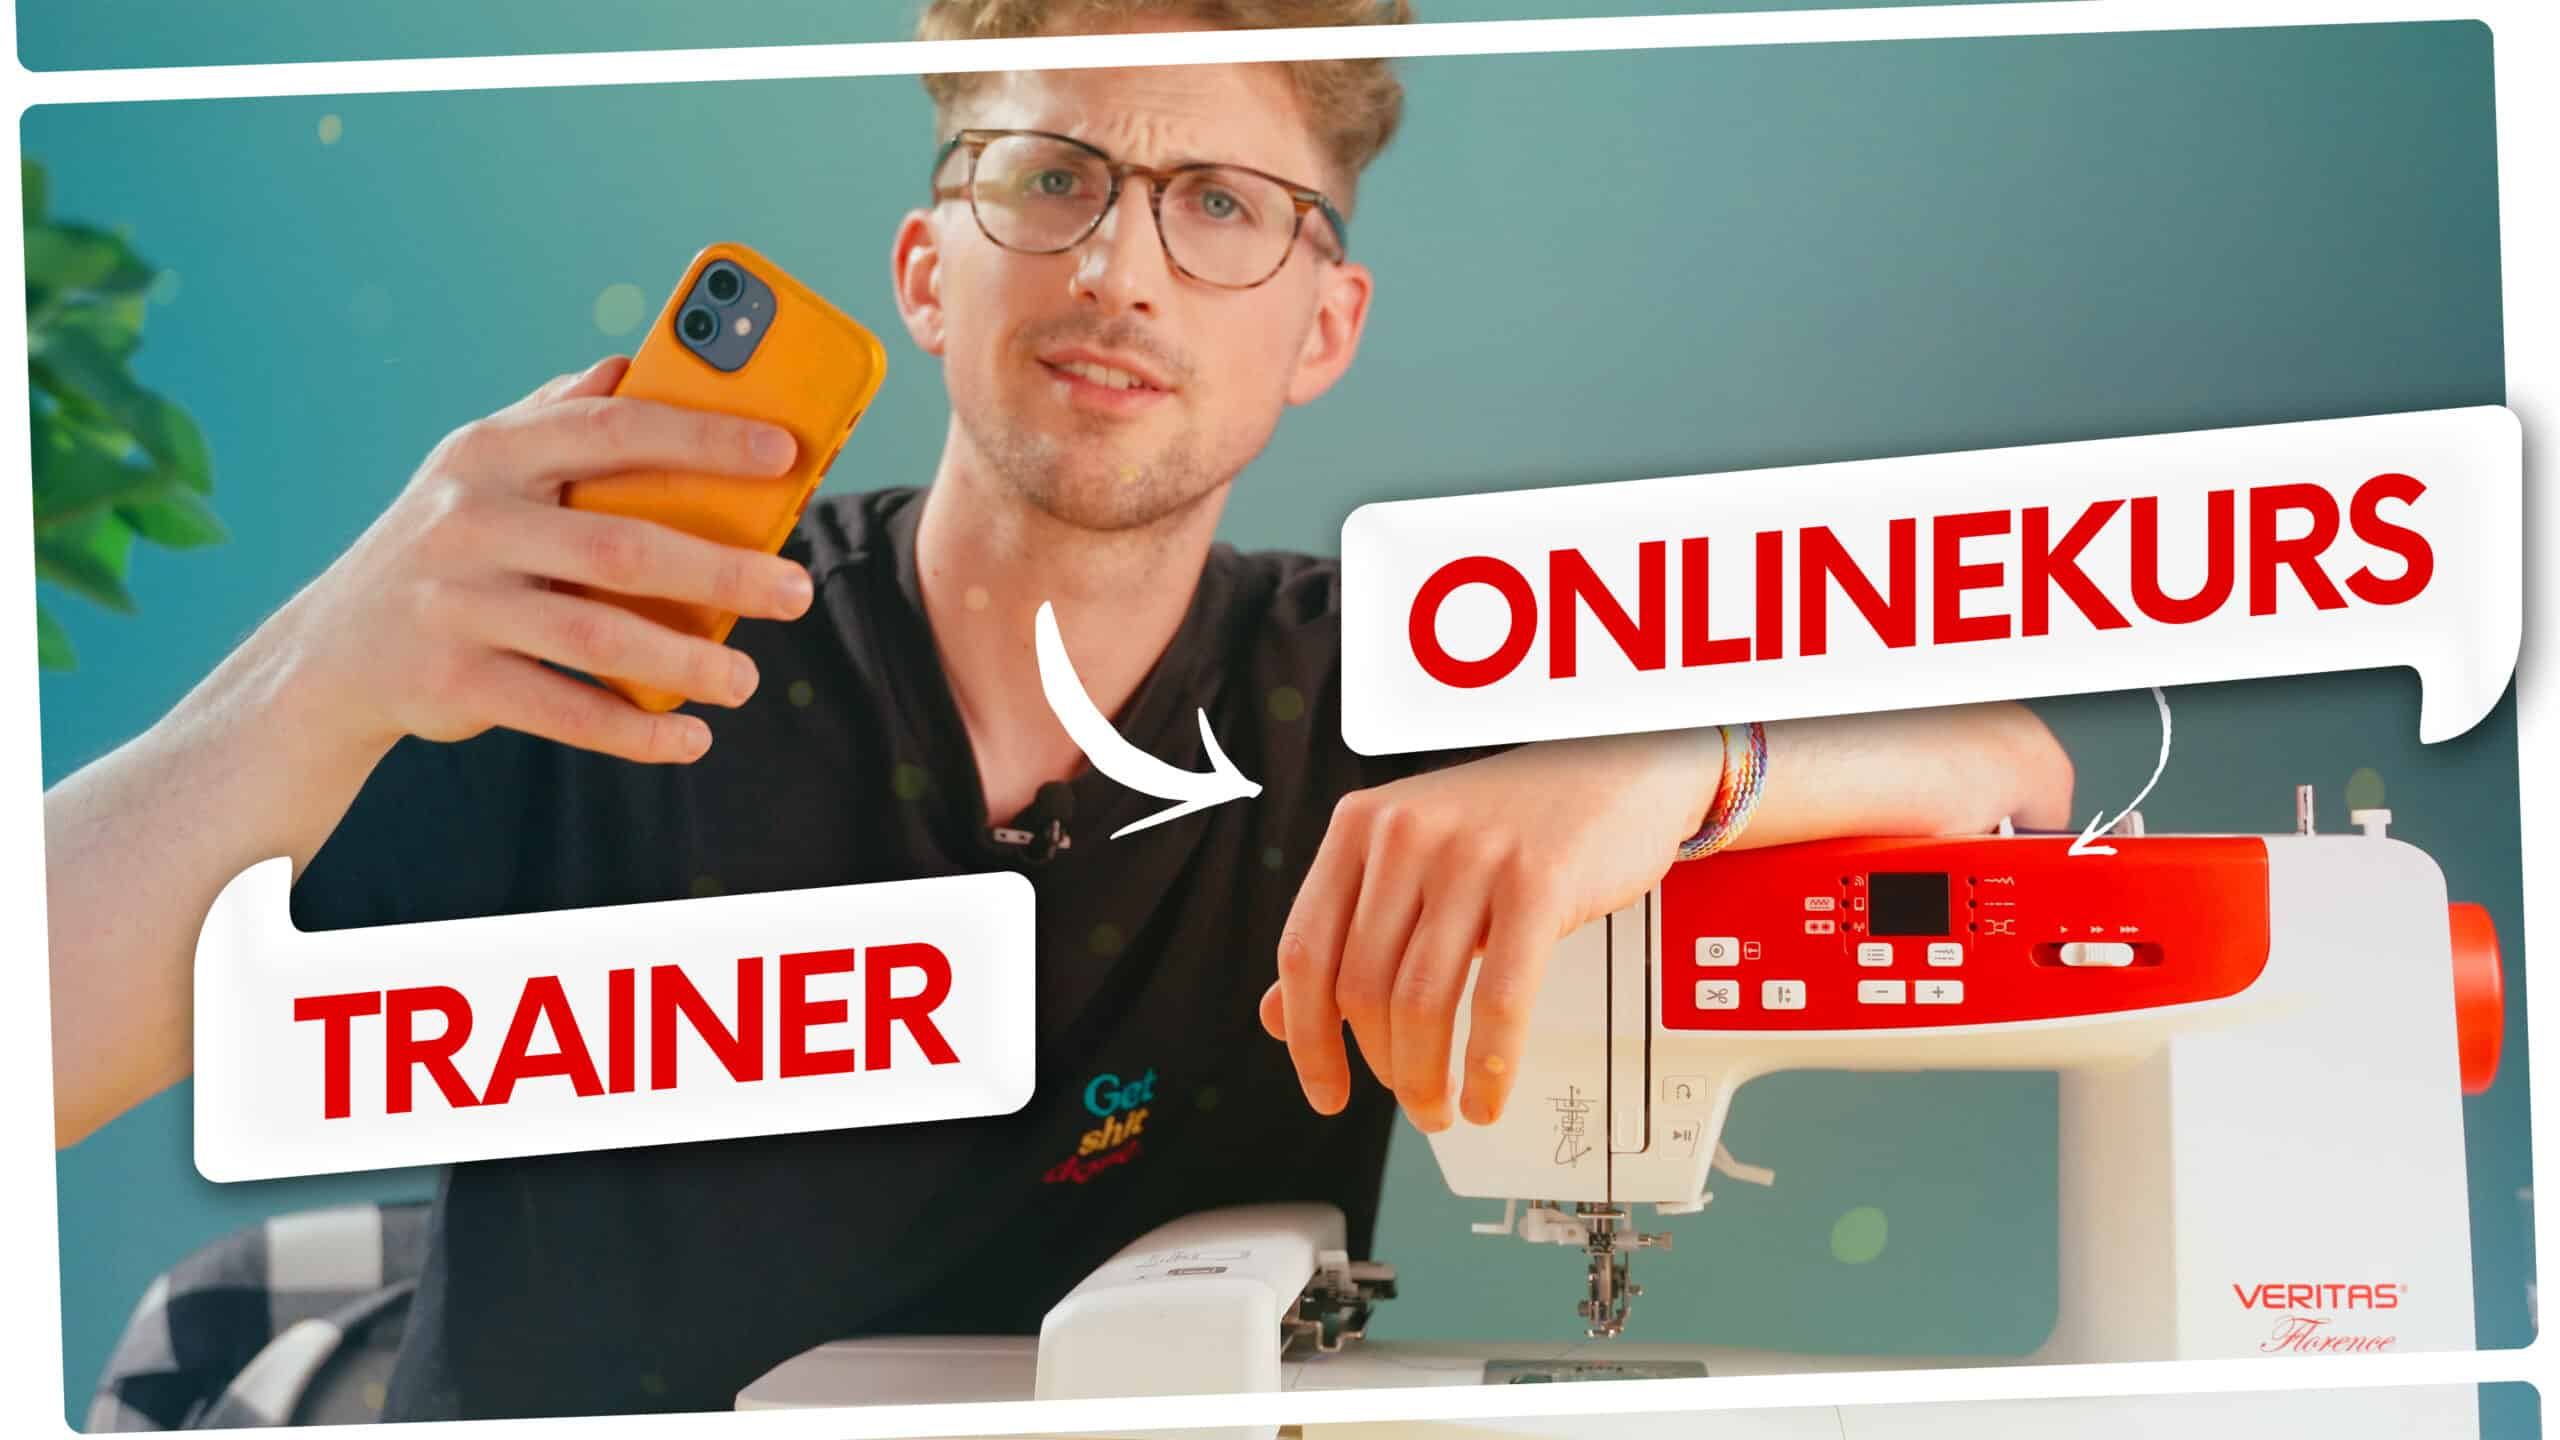 Onlinekurs für Näh- und Stickmaschine VERITAS Florence